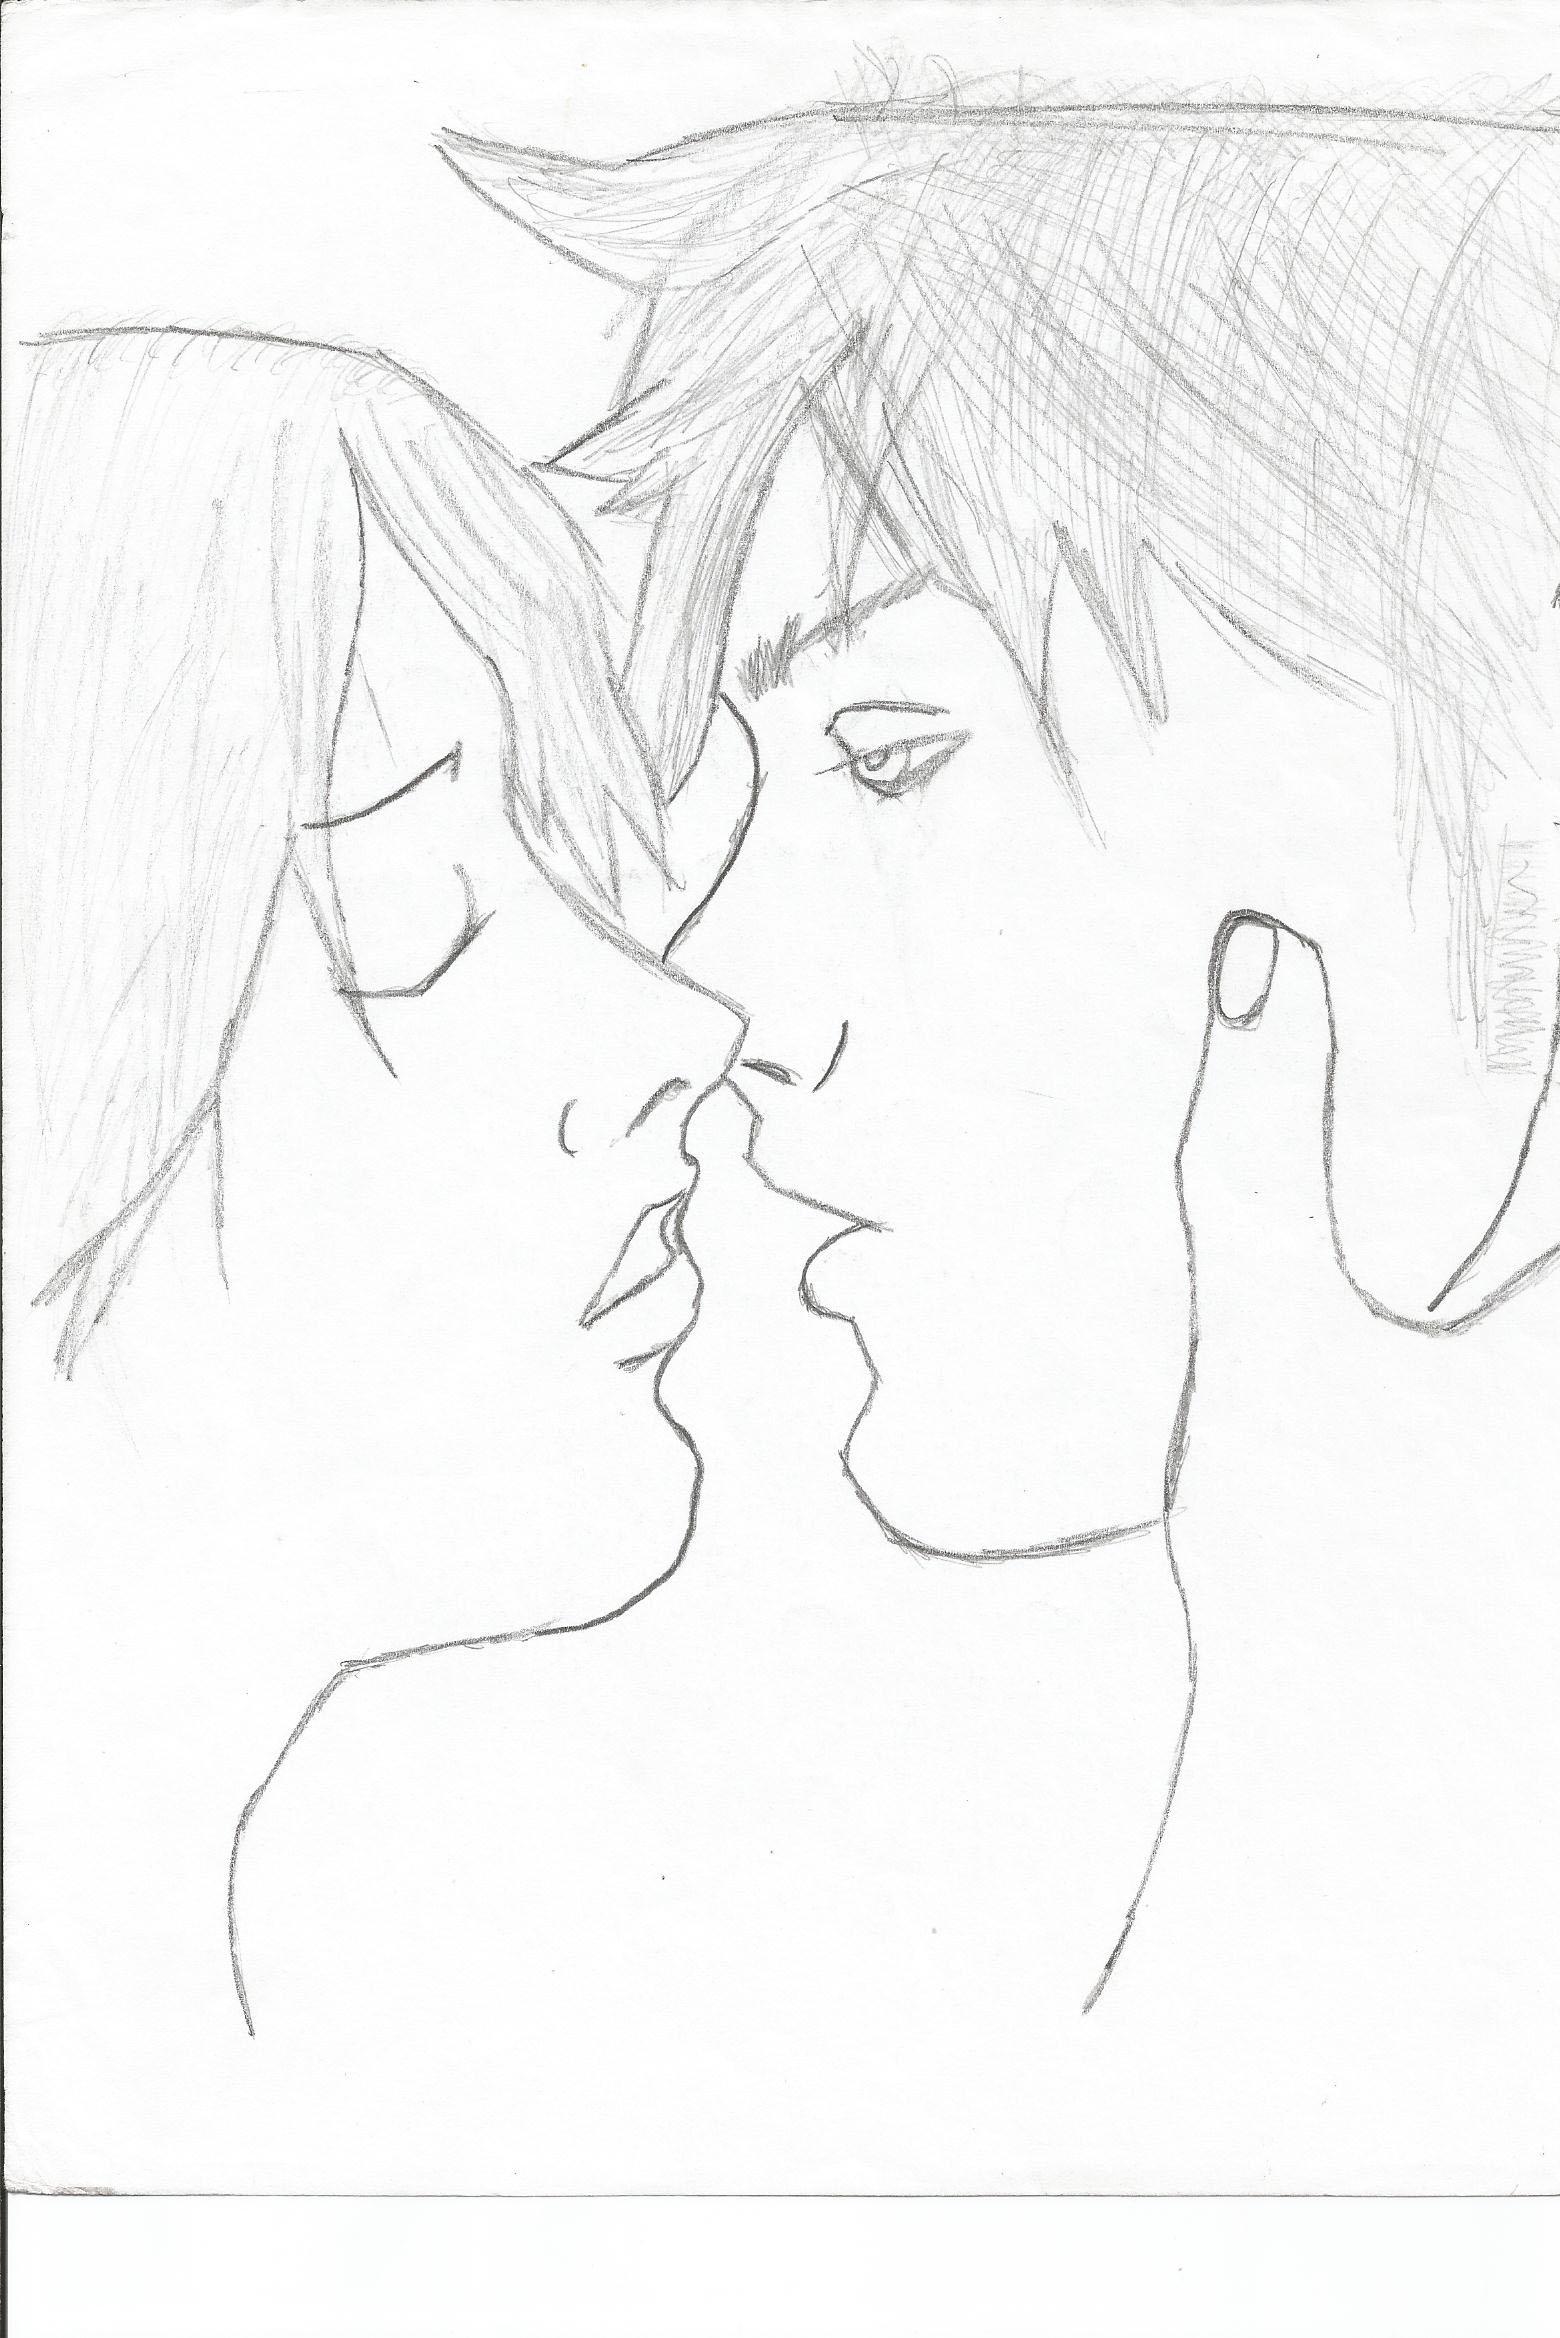 1560x2338 Katy Ad Kory Kiss Sketch Alex Quitmeyer Foundmyself